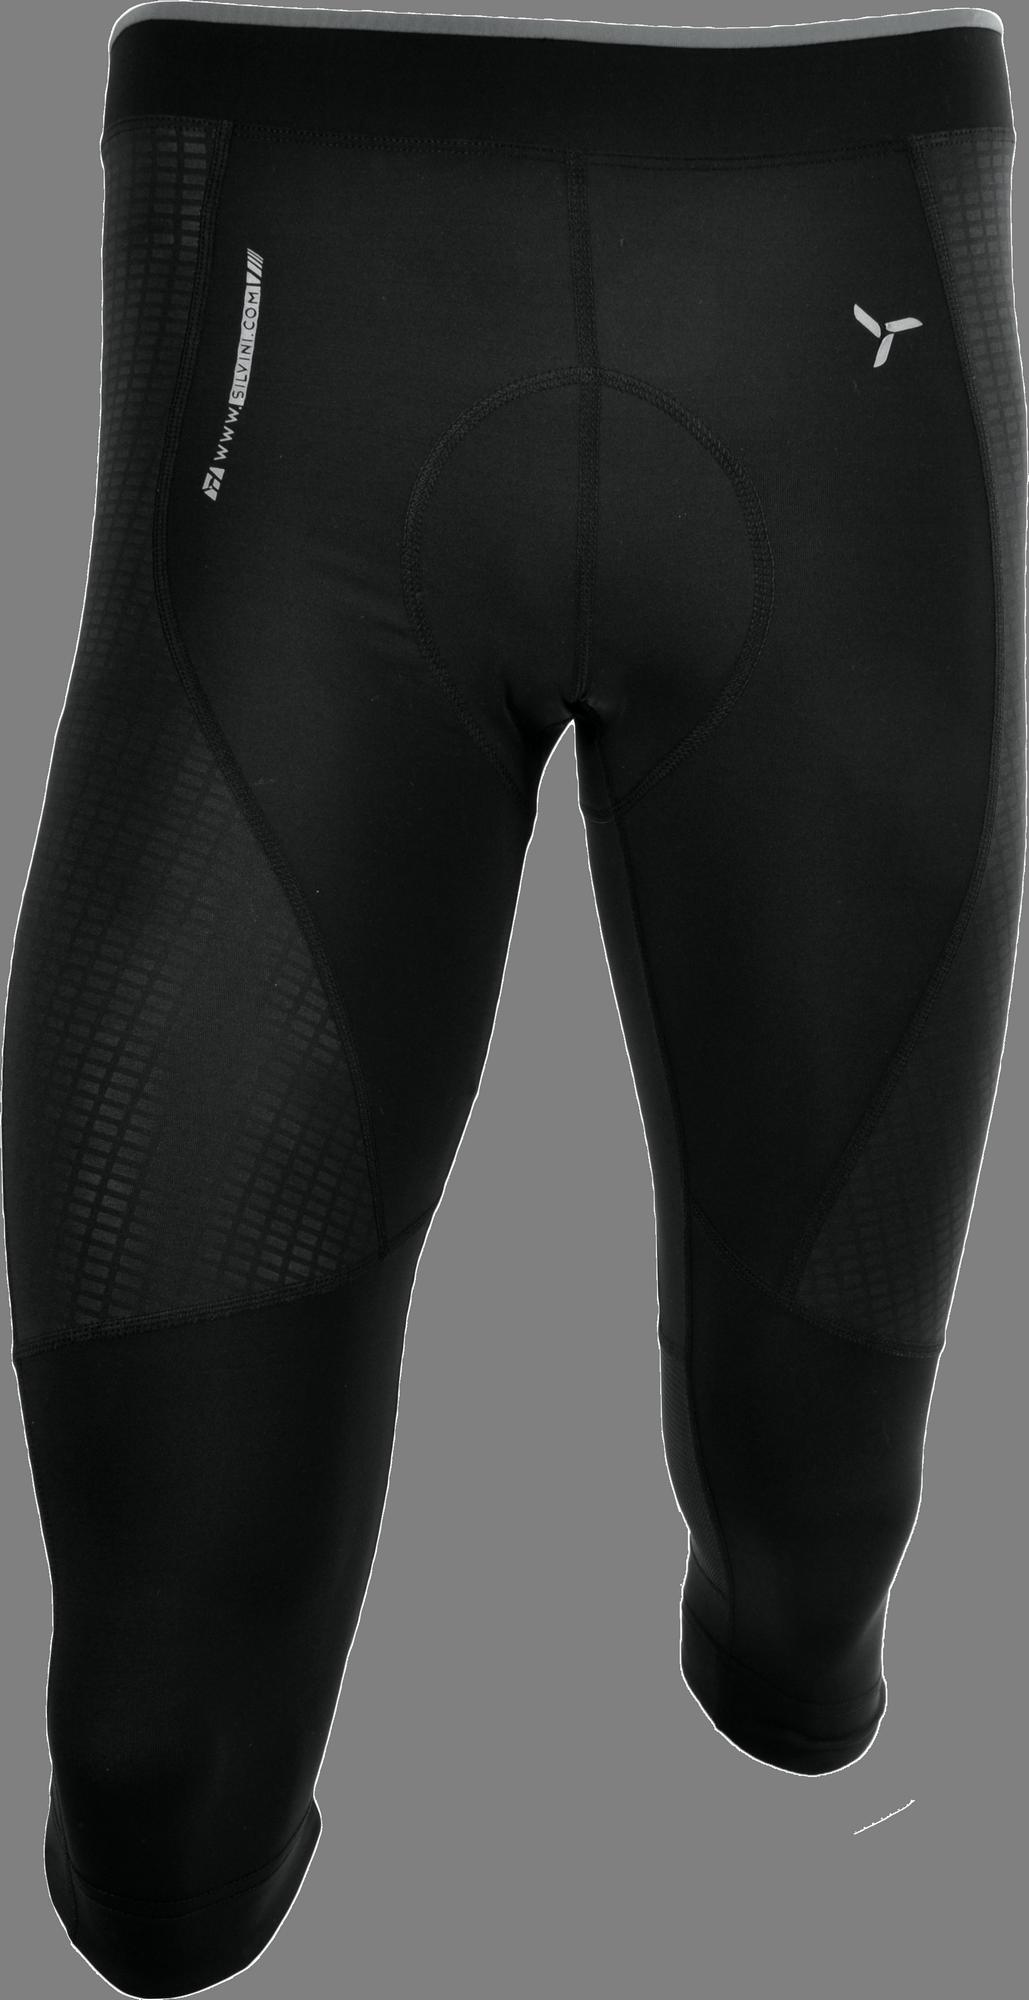 83e0442022e40 Pánske 3/4 cyklistické nohavice Silvini Fortore MP1005 čierne